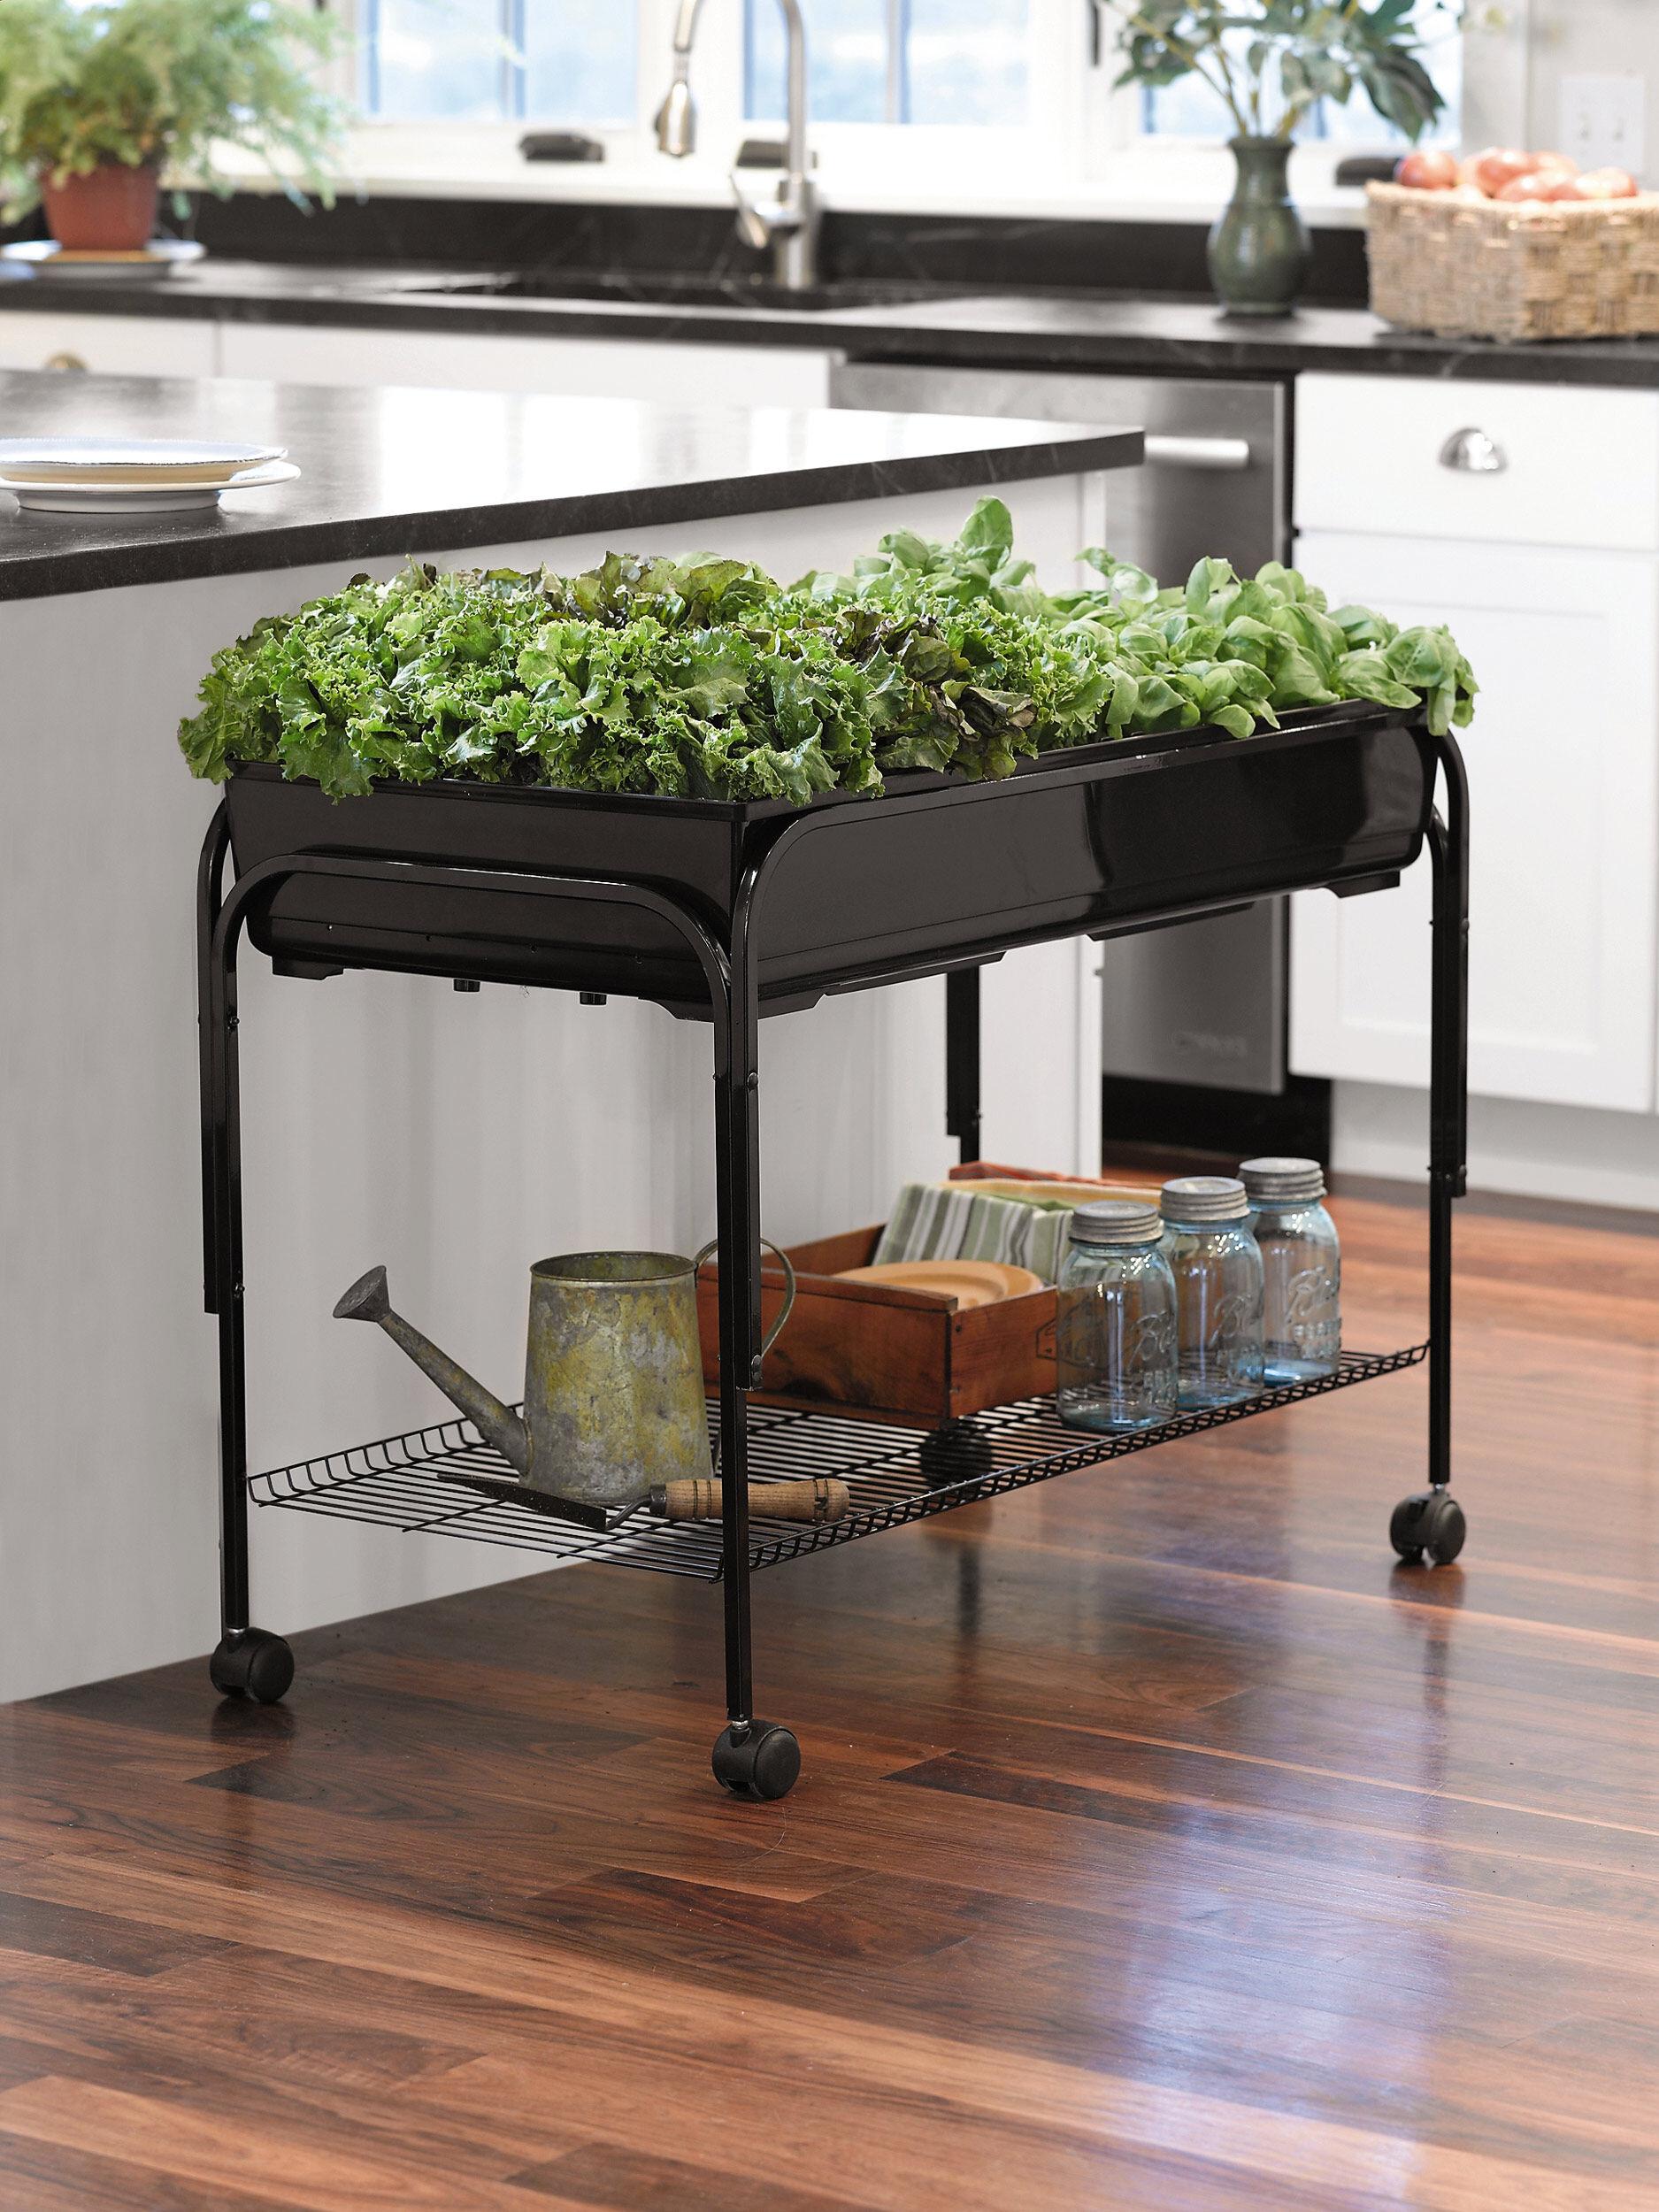 Kitchen Garden Kit Grow Lights T5 And T8 Grow Light Kits Gardenerscom